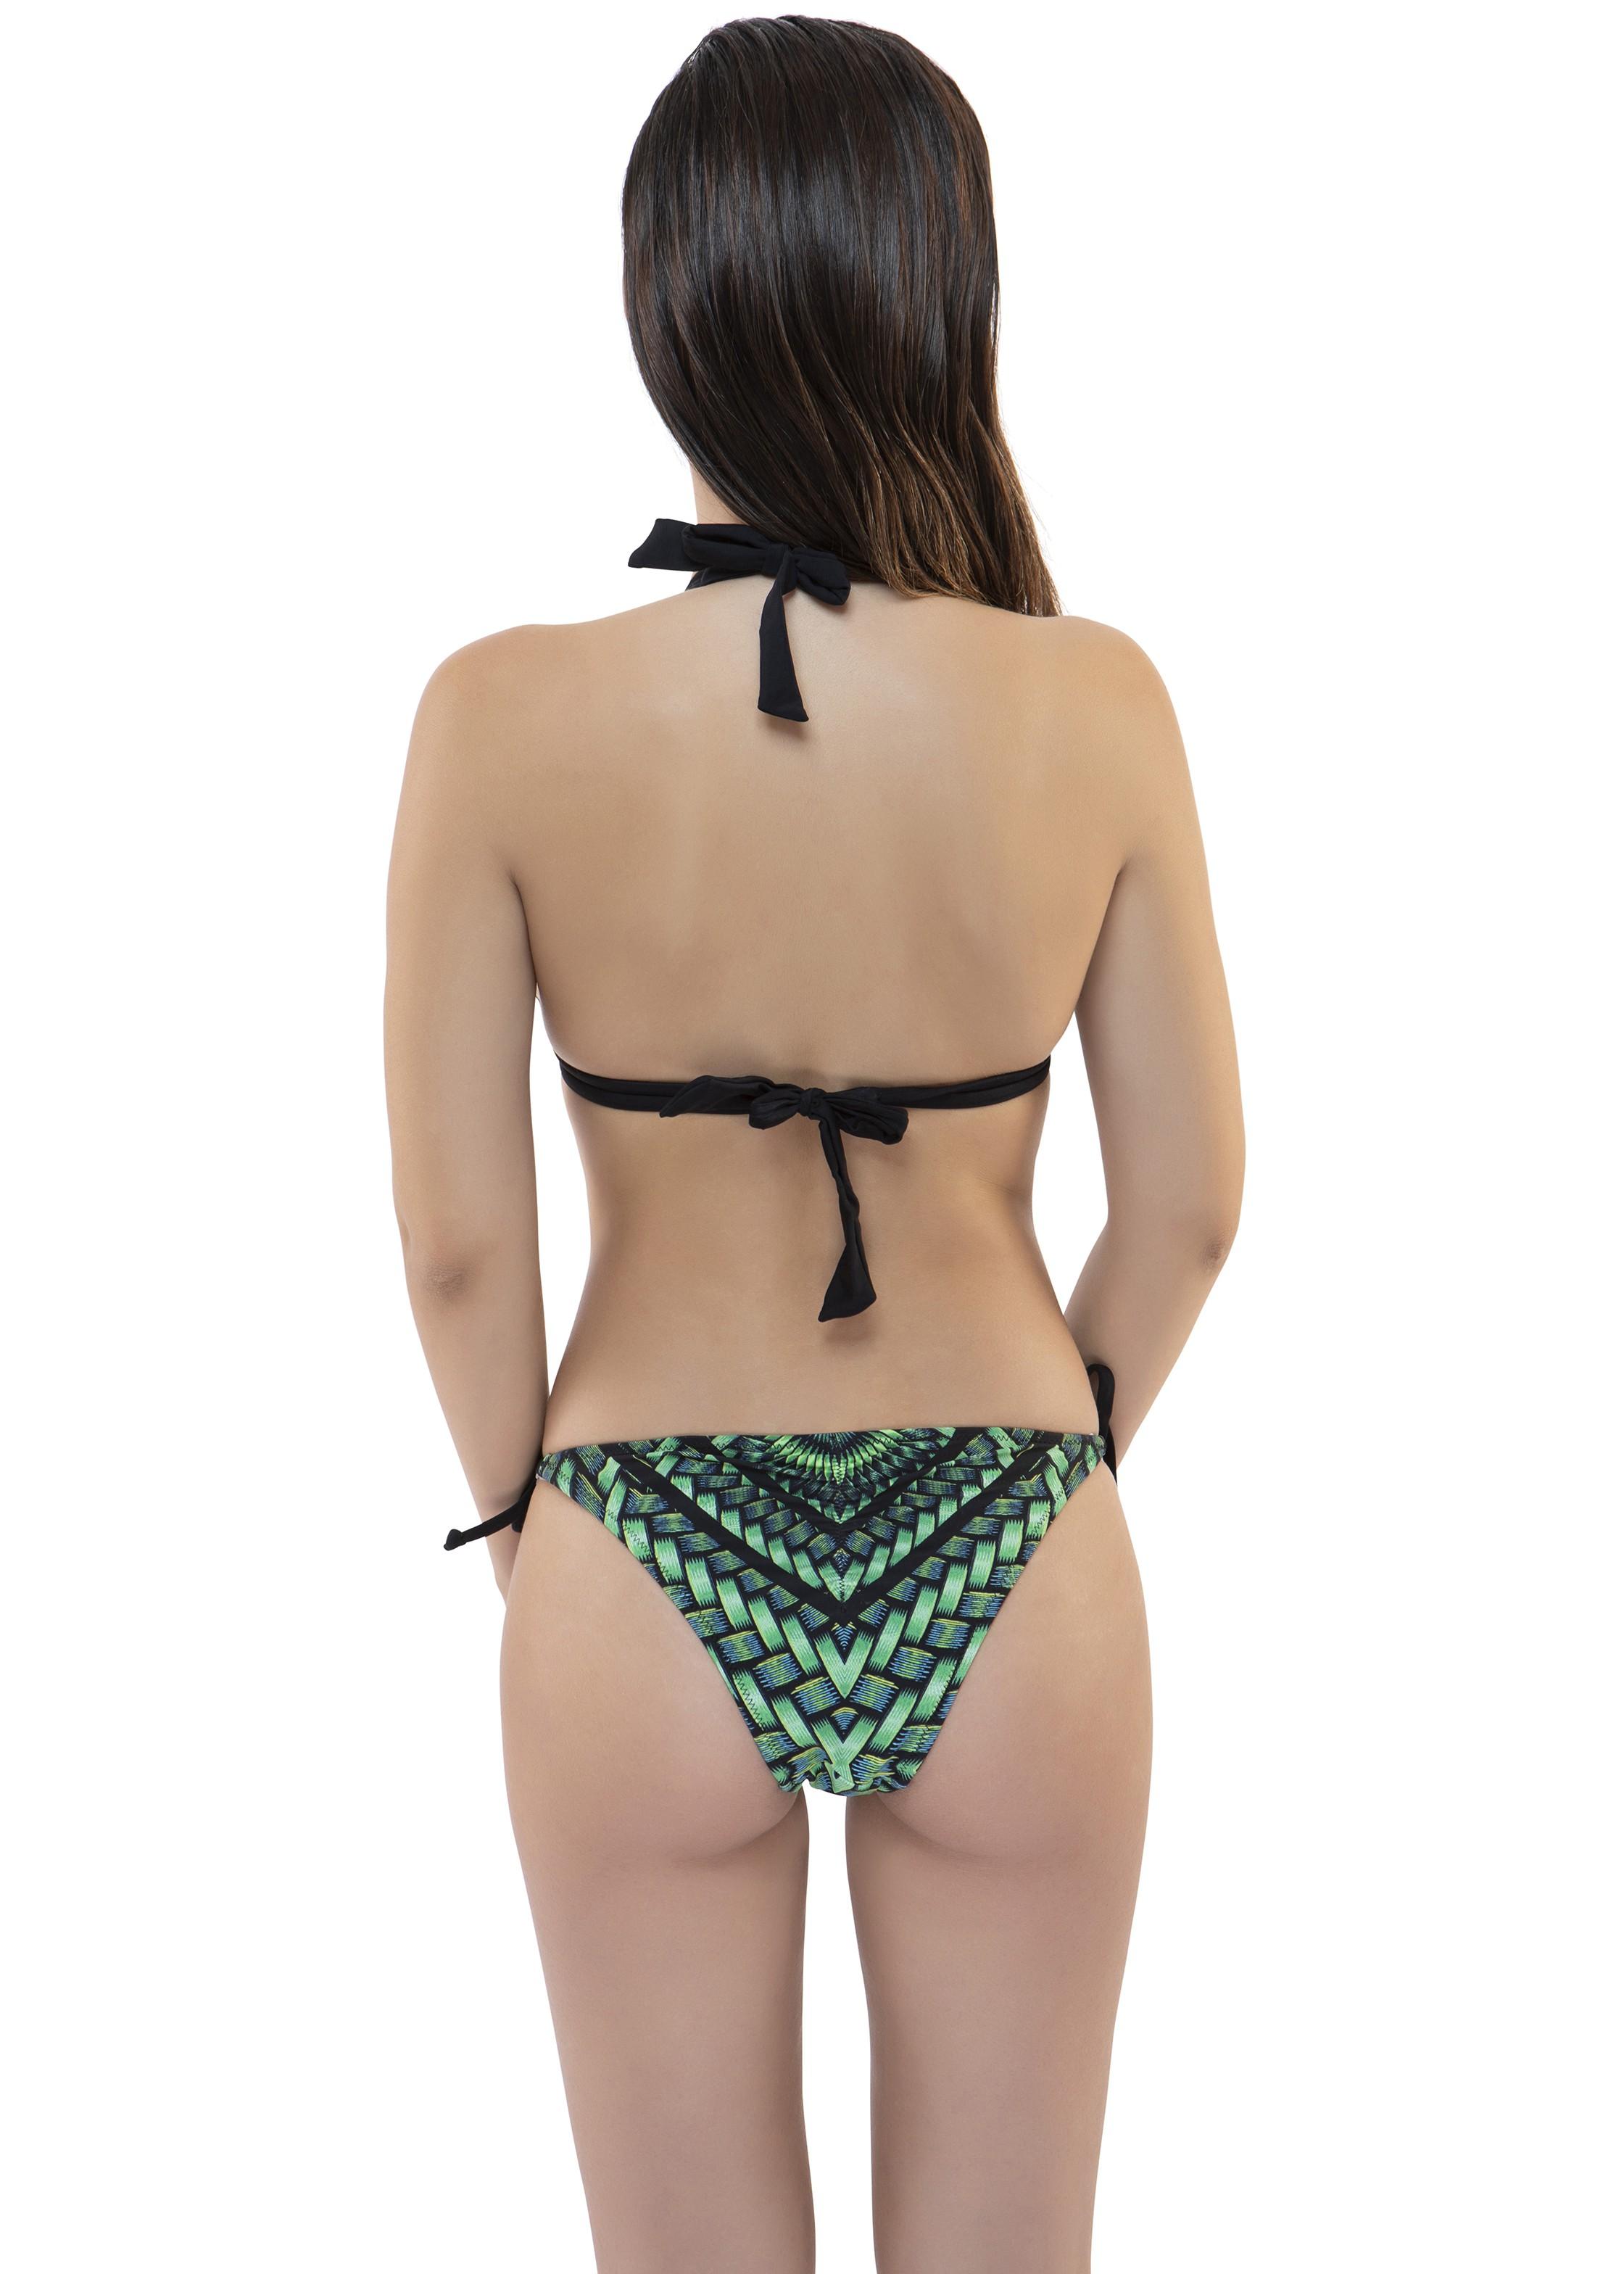 664006 חזייה משולשים Mauritius (Swimsuit)